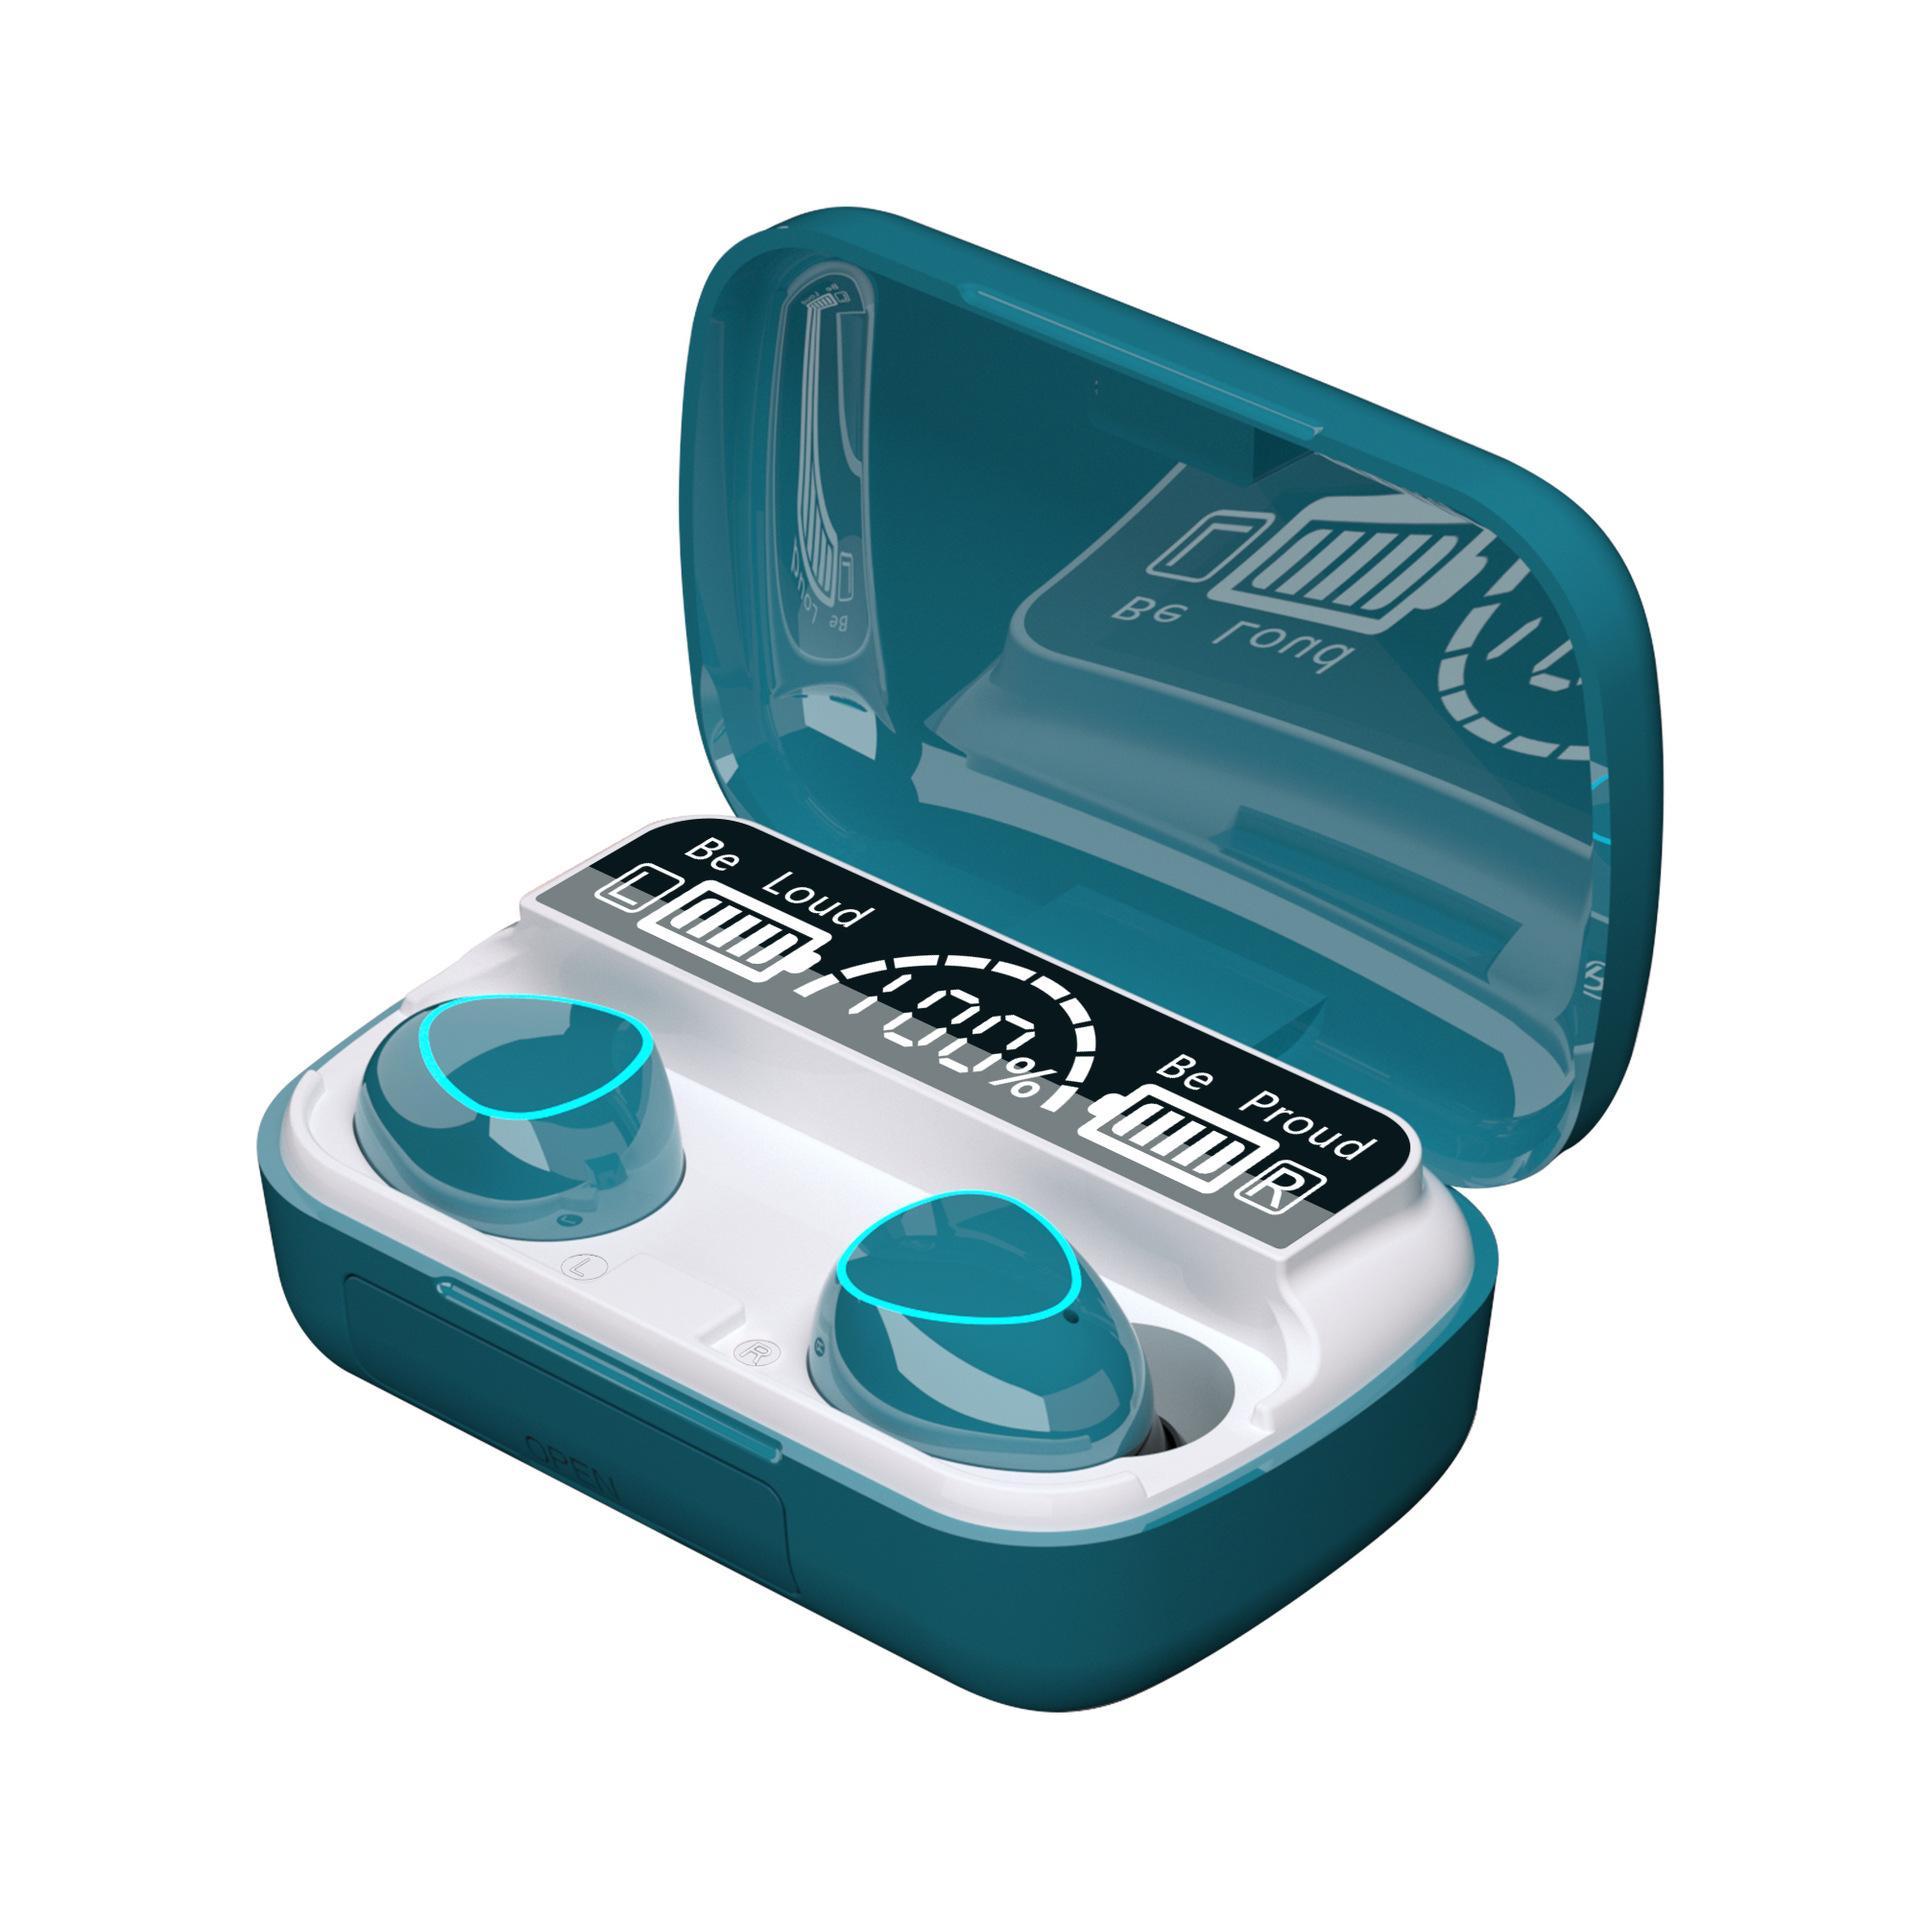 Mini Dokunmatik Su Geçirmez Kablosuz Kulaklık TWS Ile LED Güç Ekran Bluetooth 5.1 Spor Kulaklık Gaming Kulaklık Smartphone için